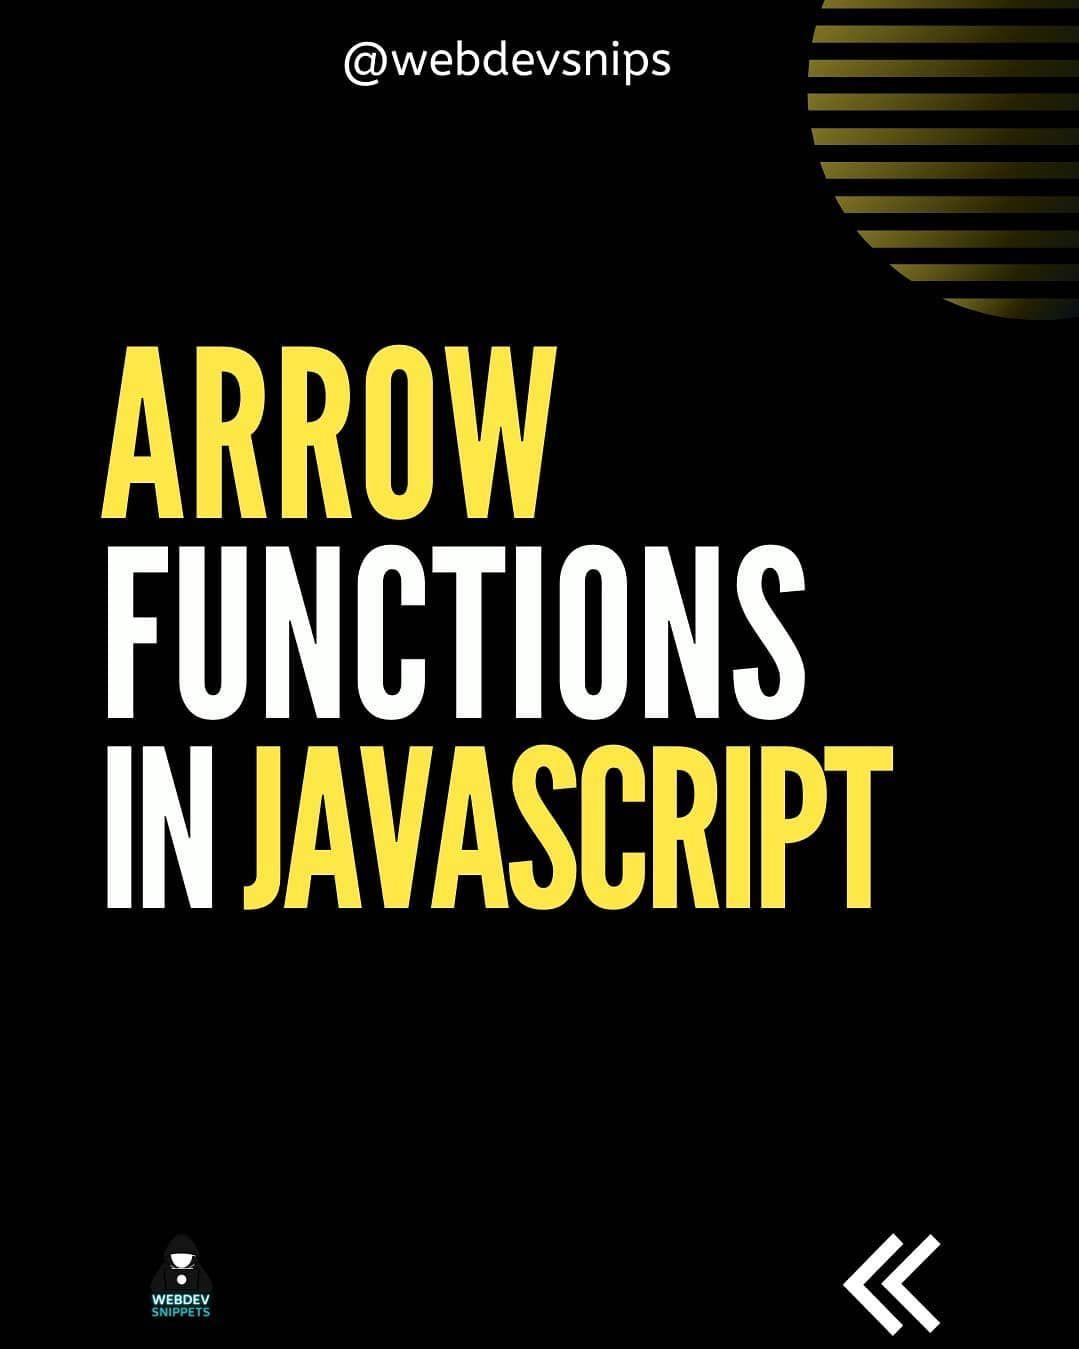 Arrow functions in javascript